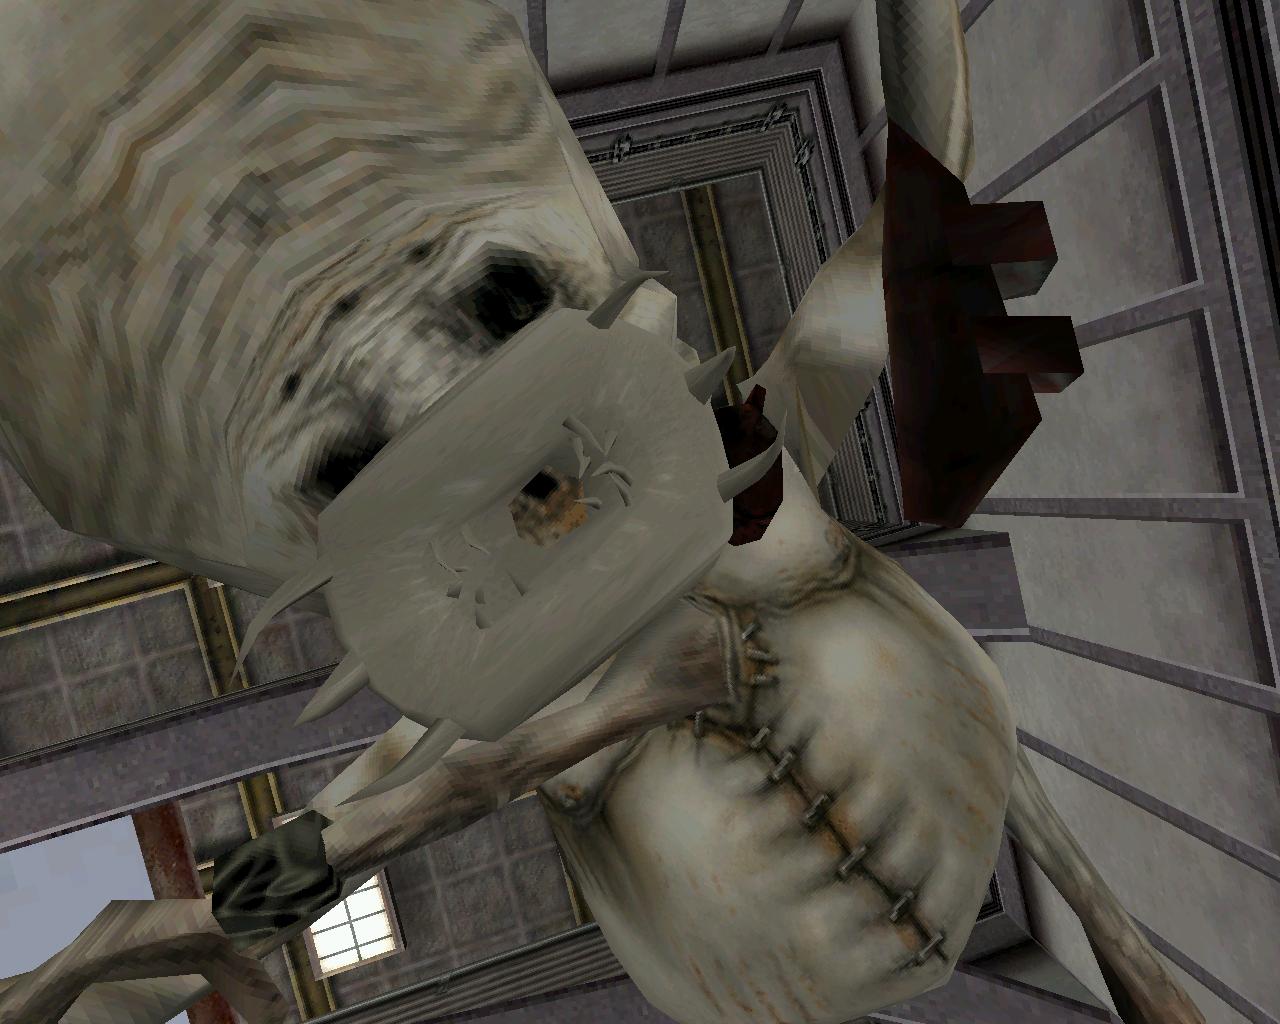 final320034.png - Half-Life